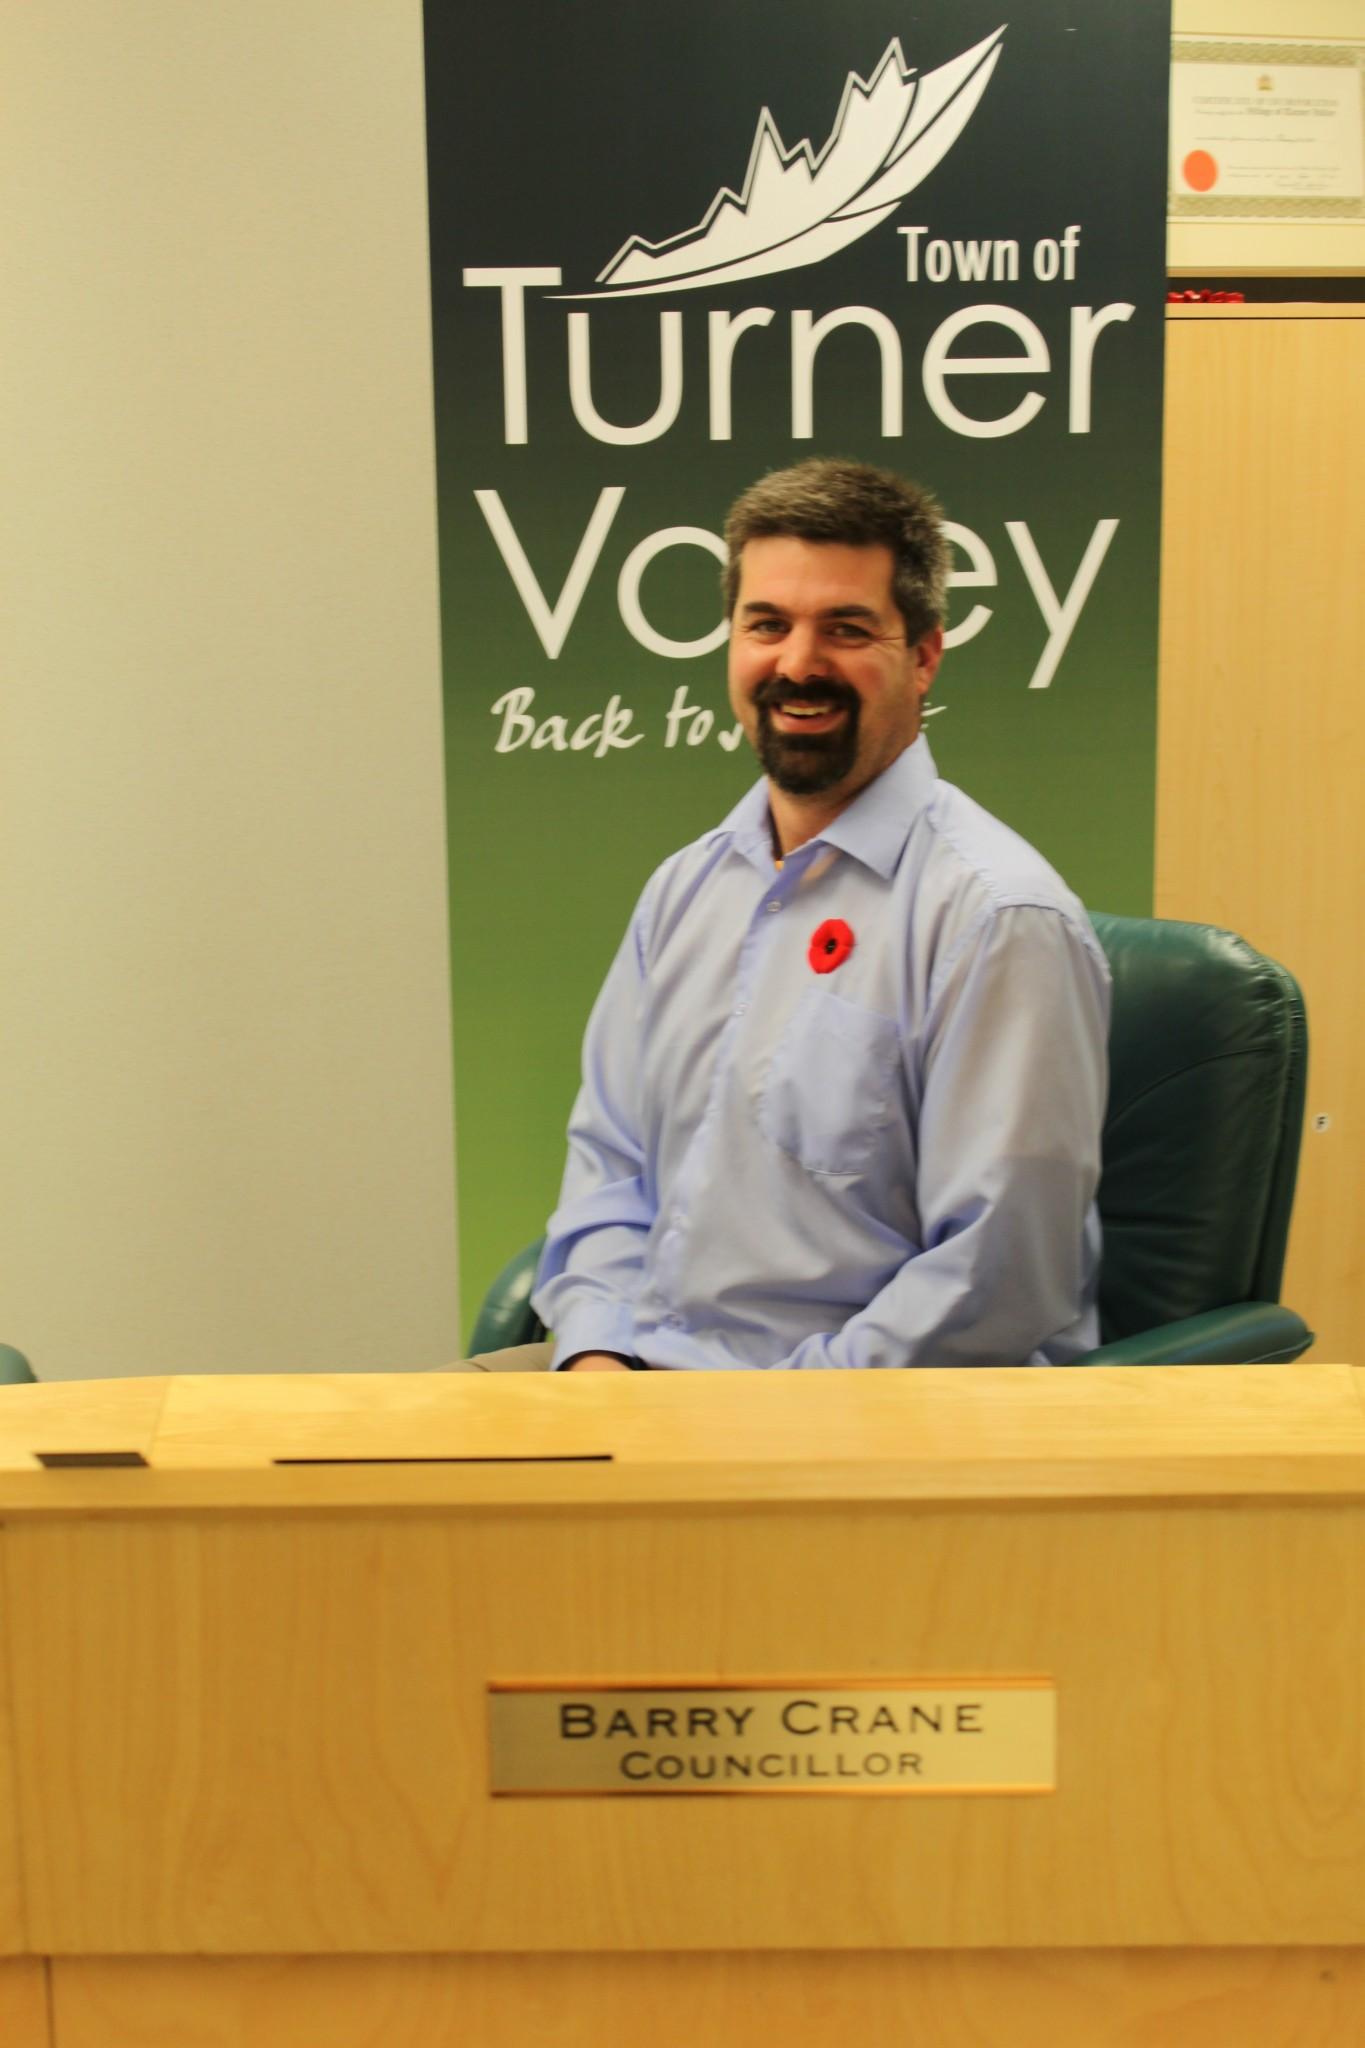 Councillor Barry Crane